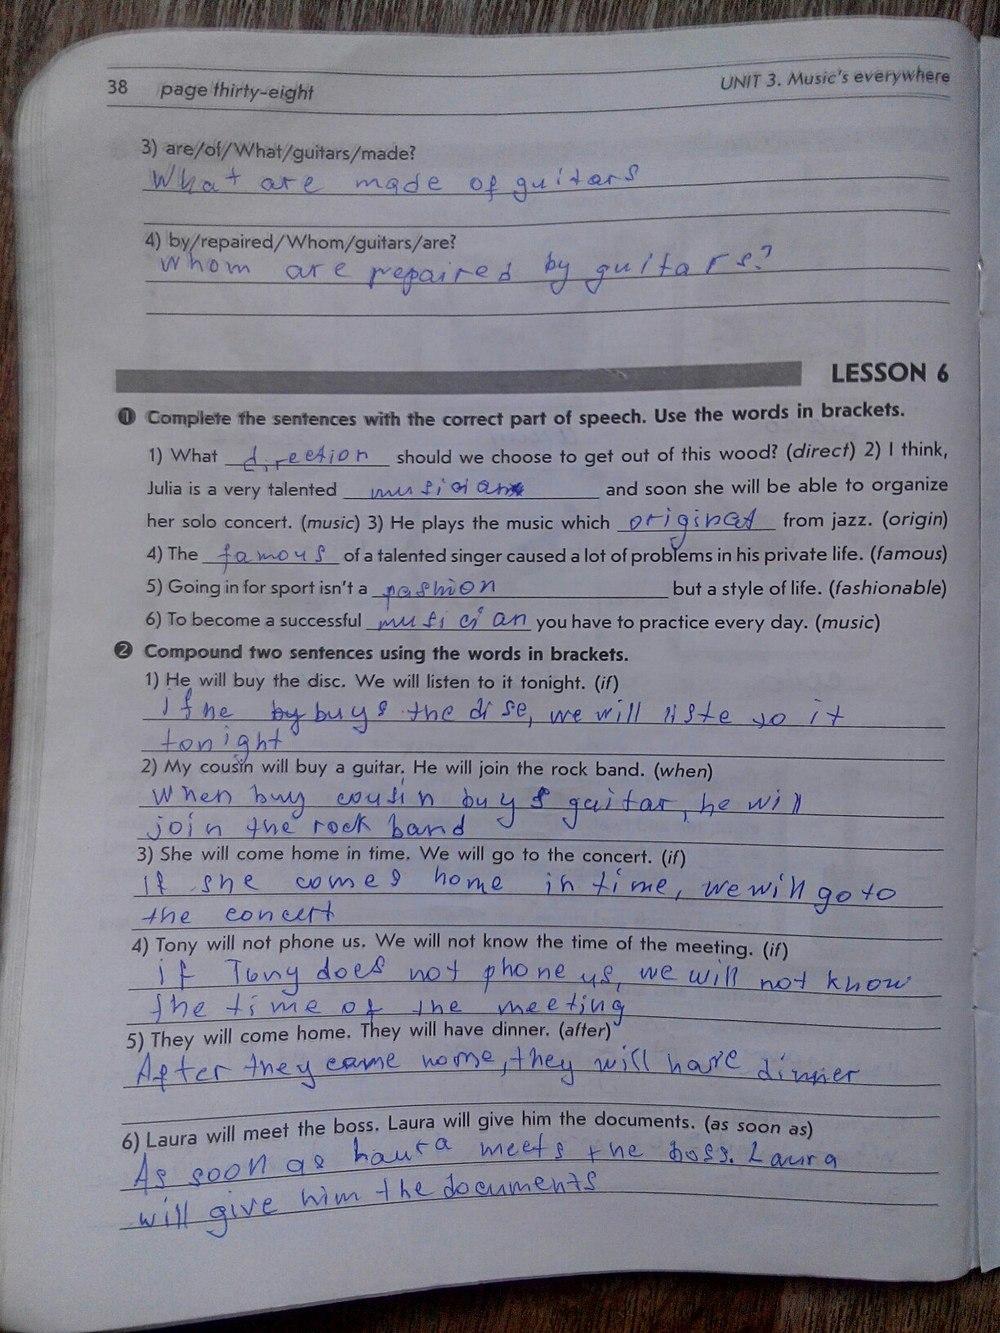 ГДЗ відповіді робочий зошит по английскому языку 8 класс О.М. Павліченко. Задание: стр. 38